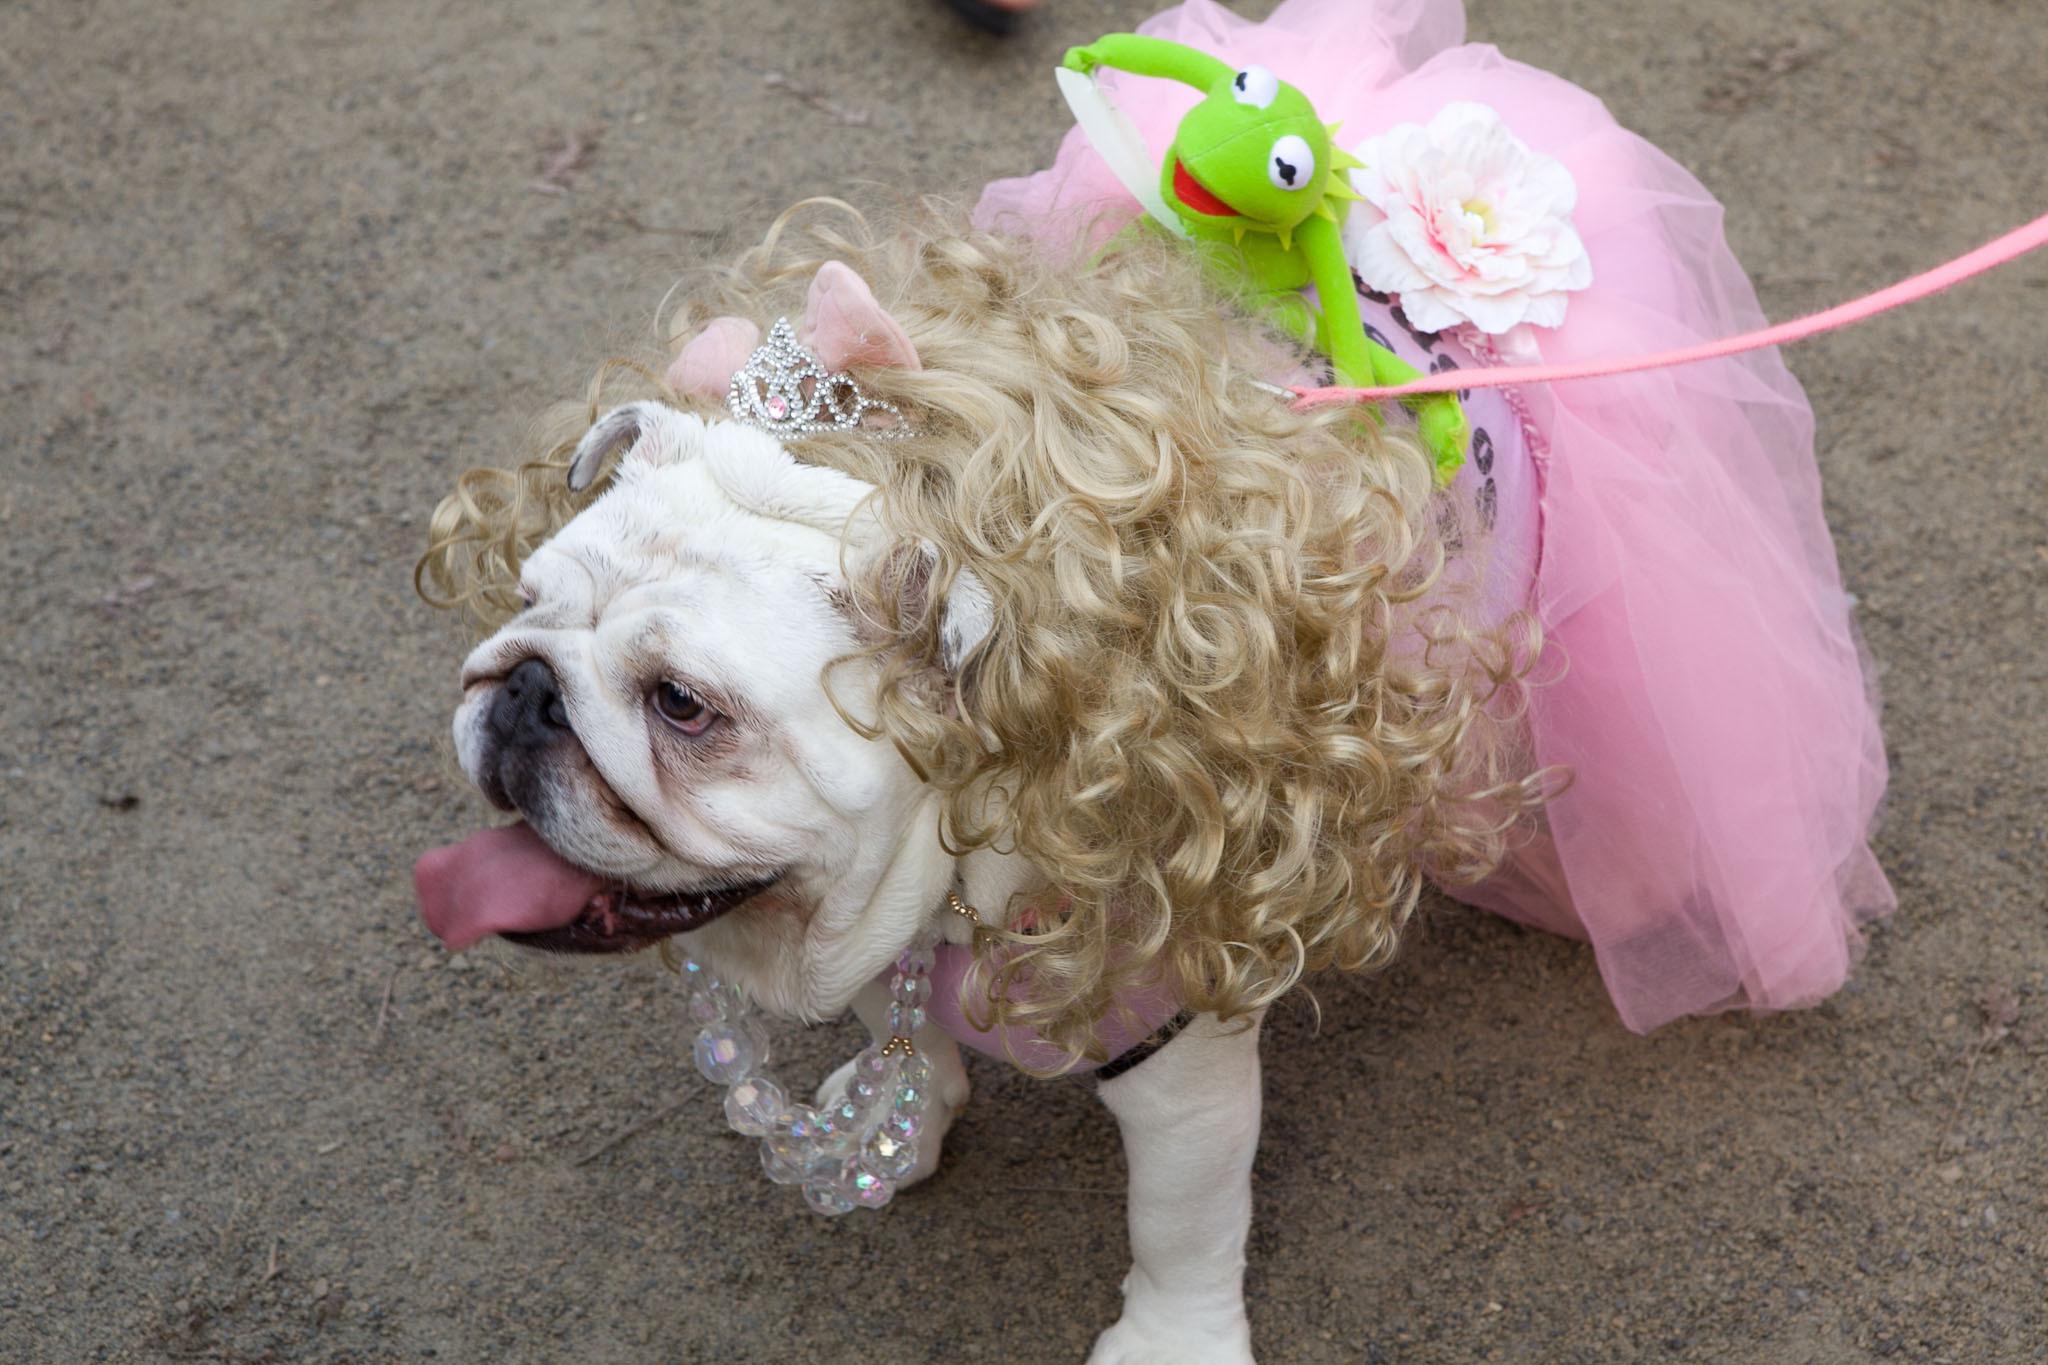 Tompkins Square Park Halloween Dog Parade (2012)